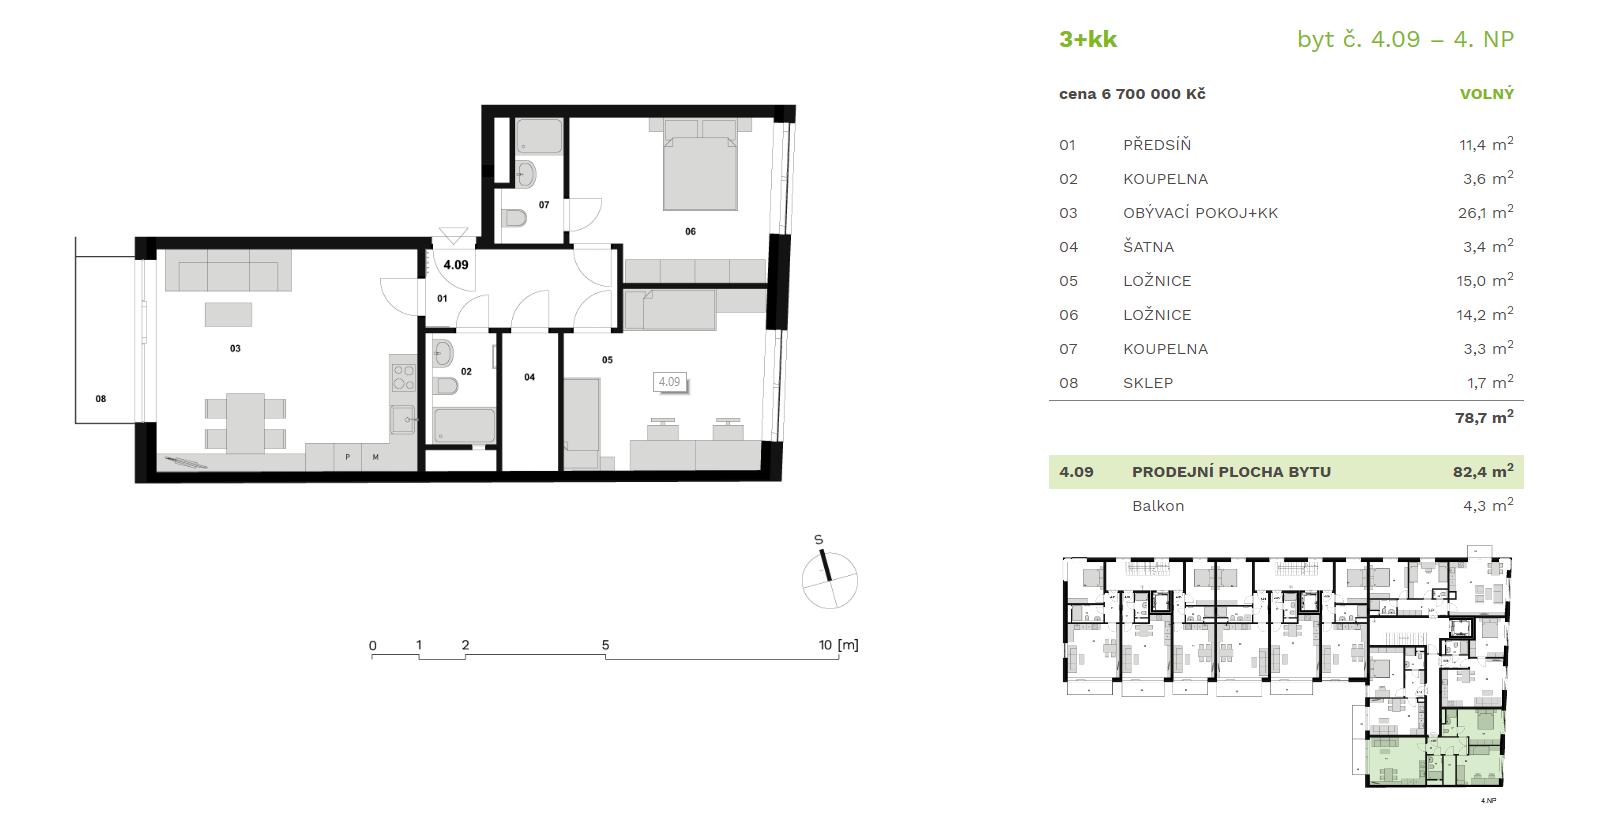 Жилой дом «Приматорска» ID 1071